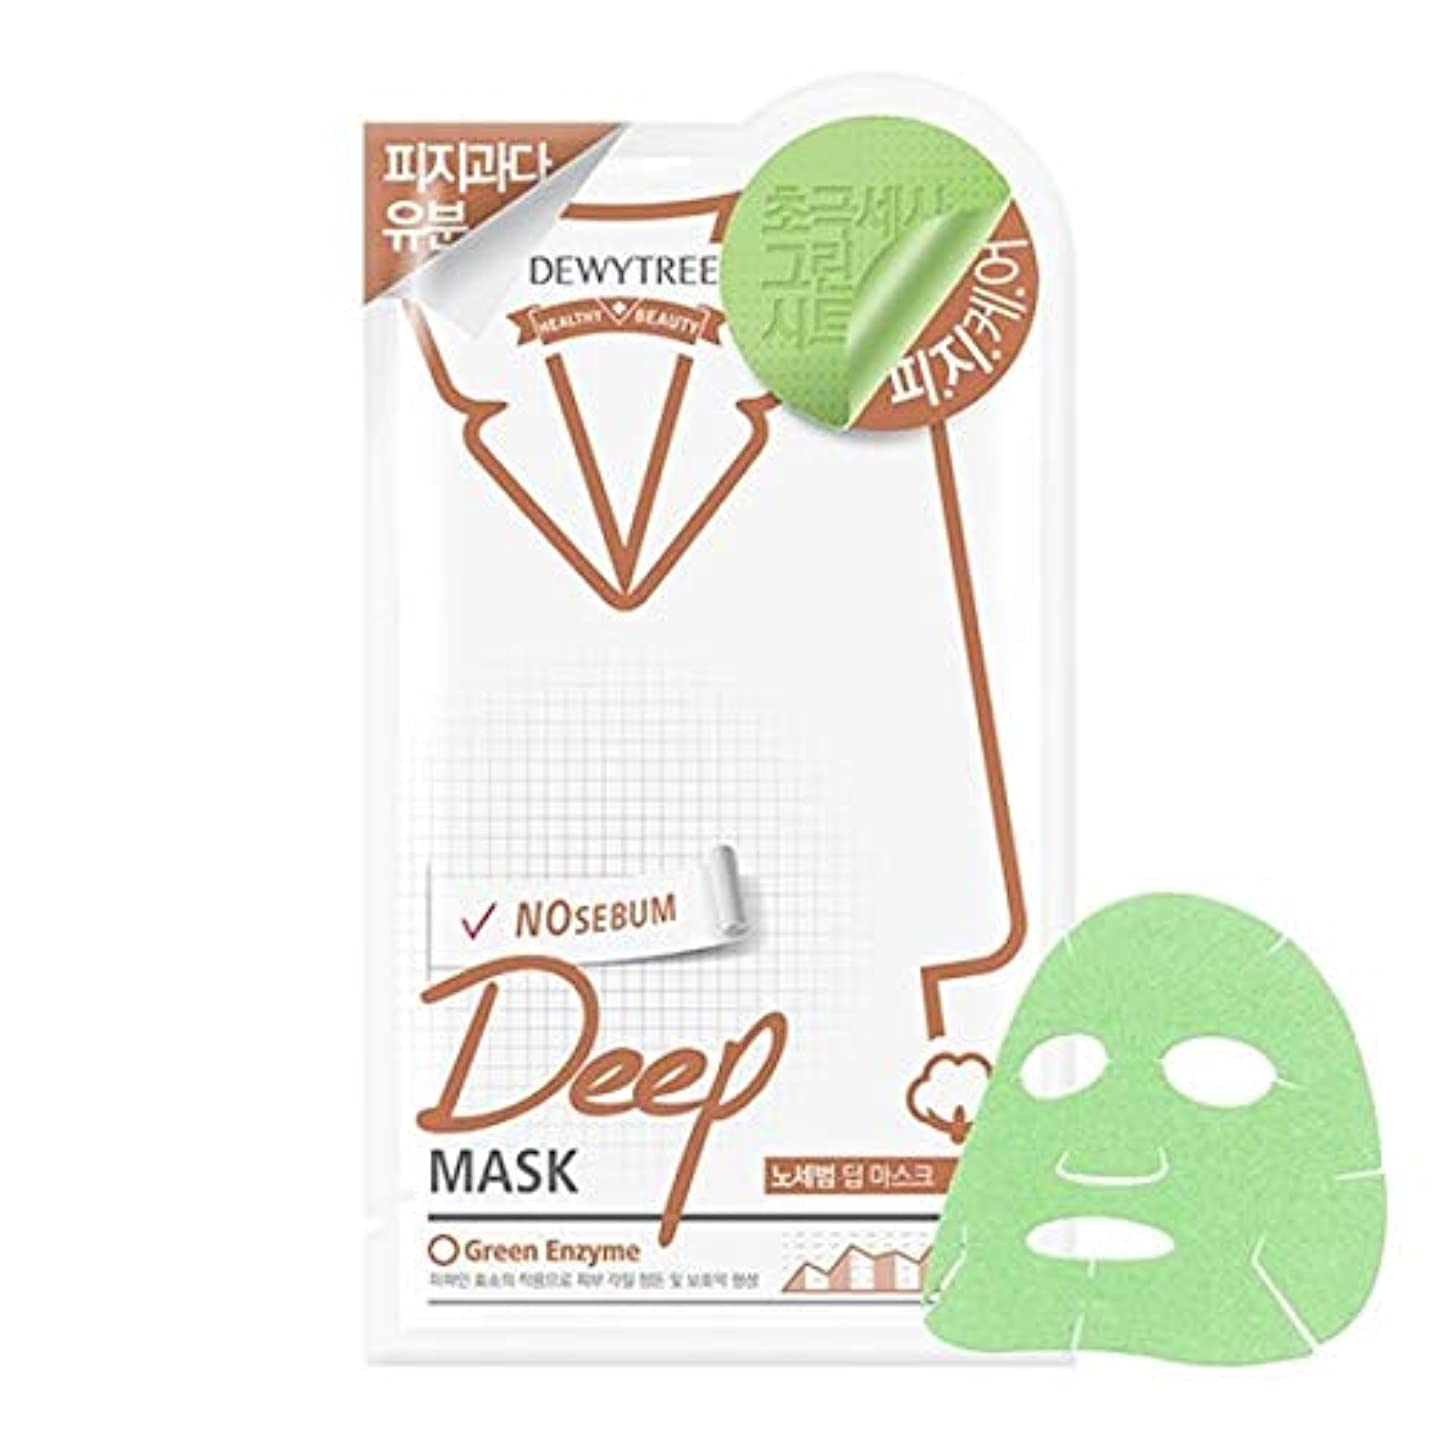 悲鳴一元化する乞食(デューイトゥリー) DEWYTREE ノセボムディープマスク 20枚 Nosebum Deep Mask 韓国マスクパック (並行輸入品)